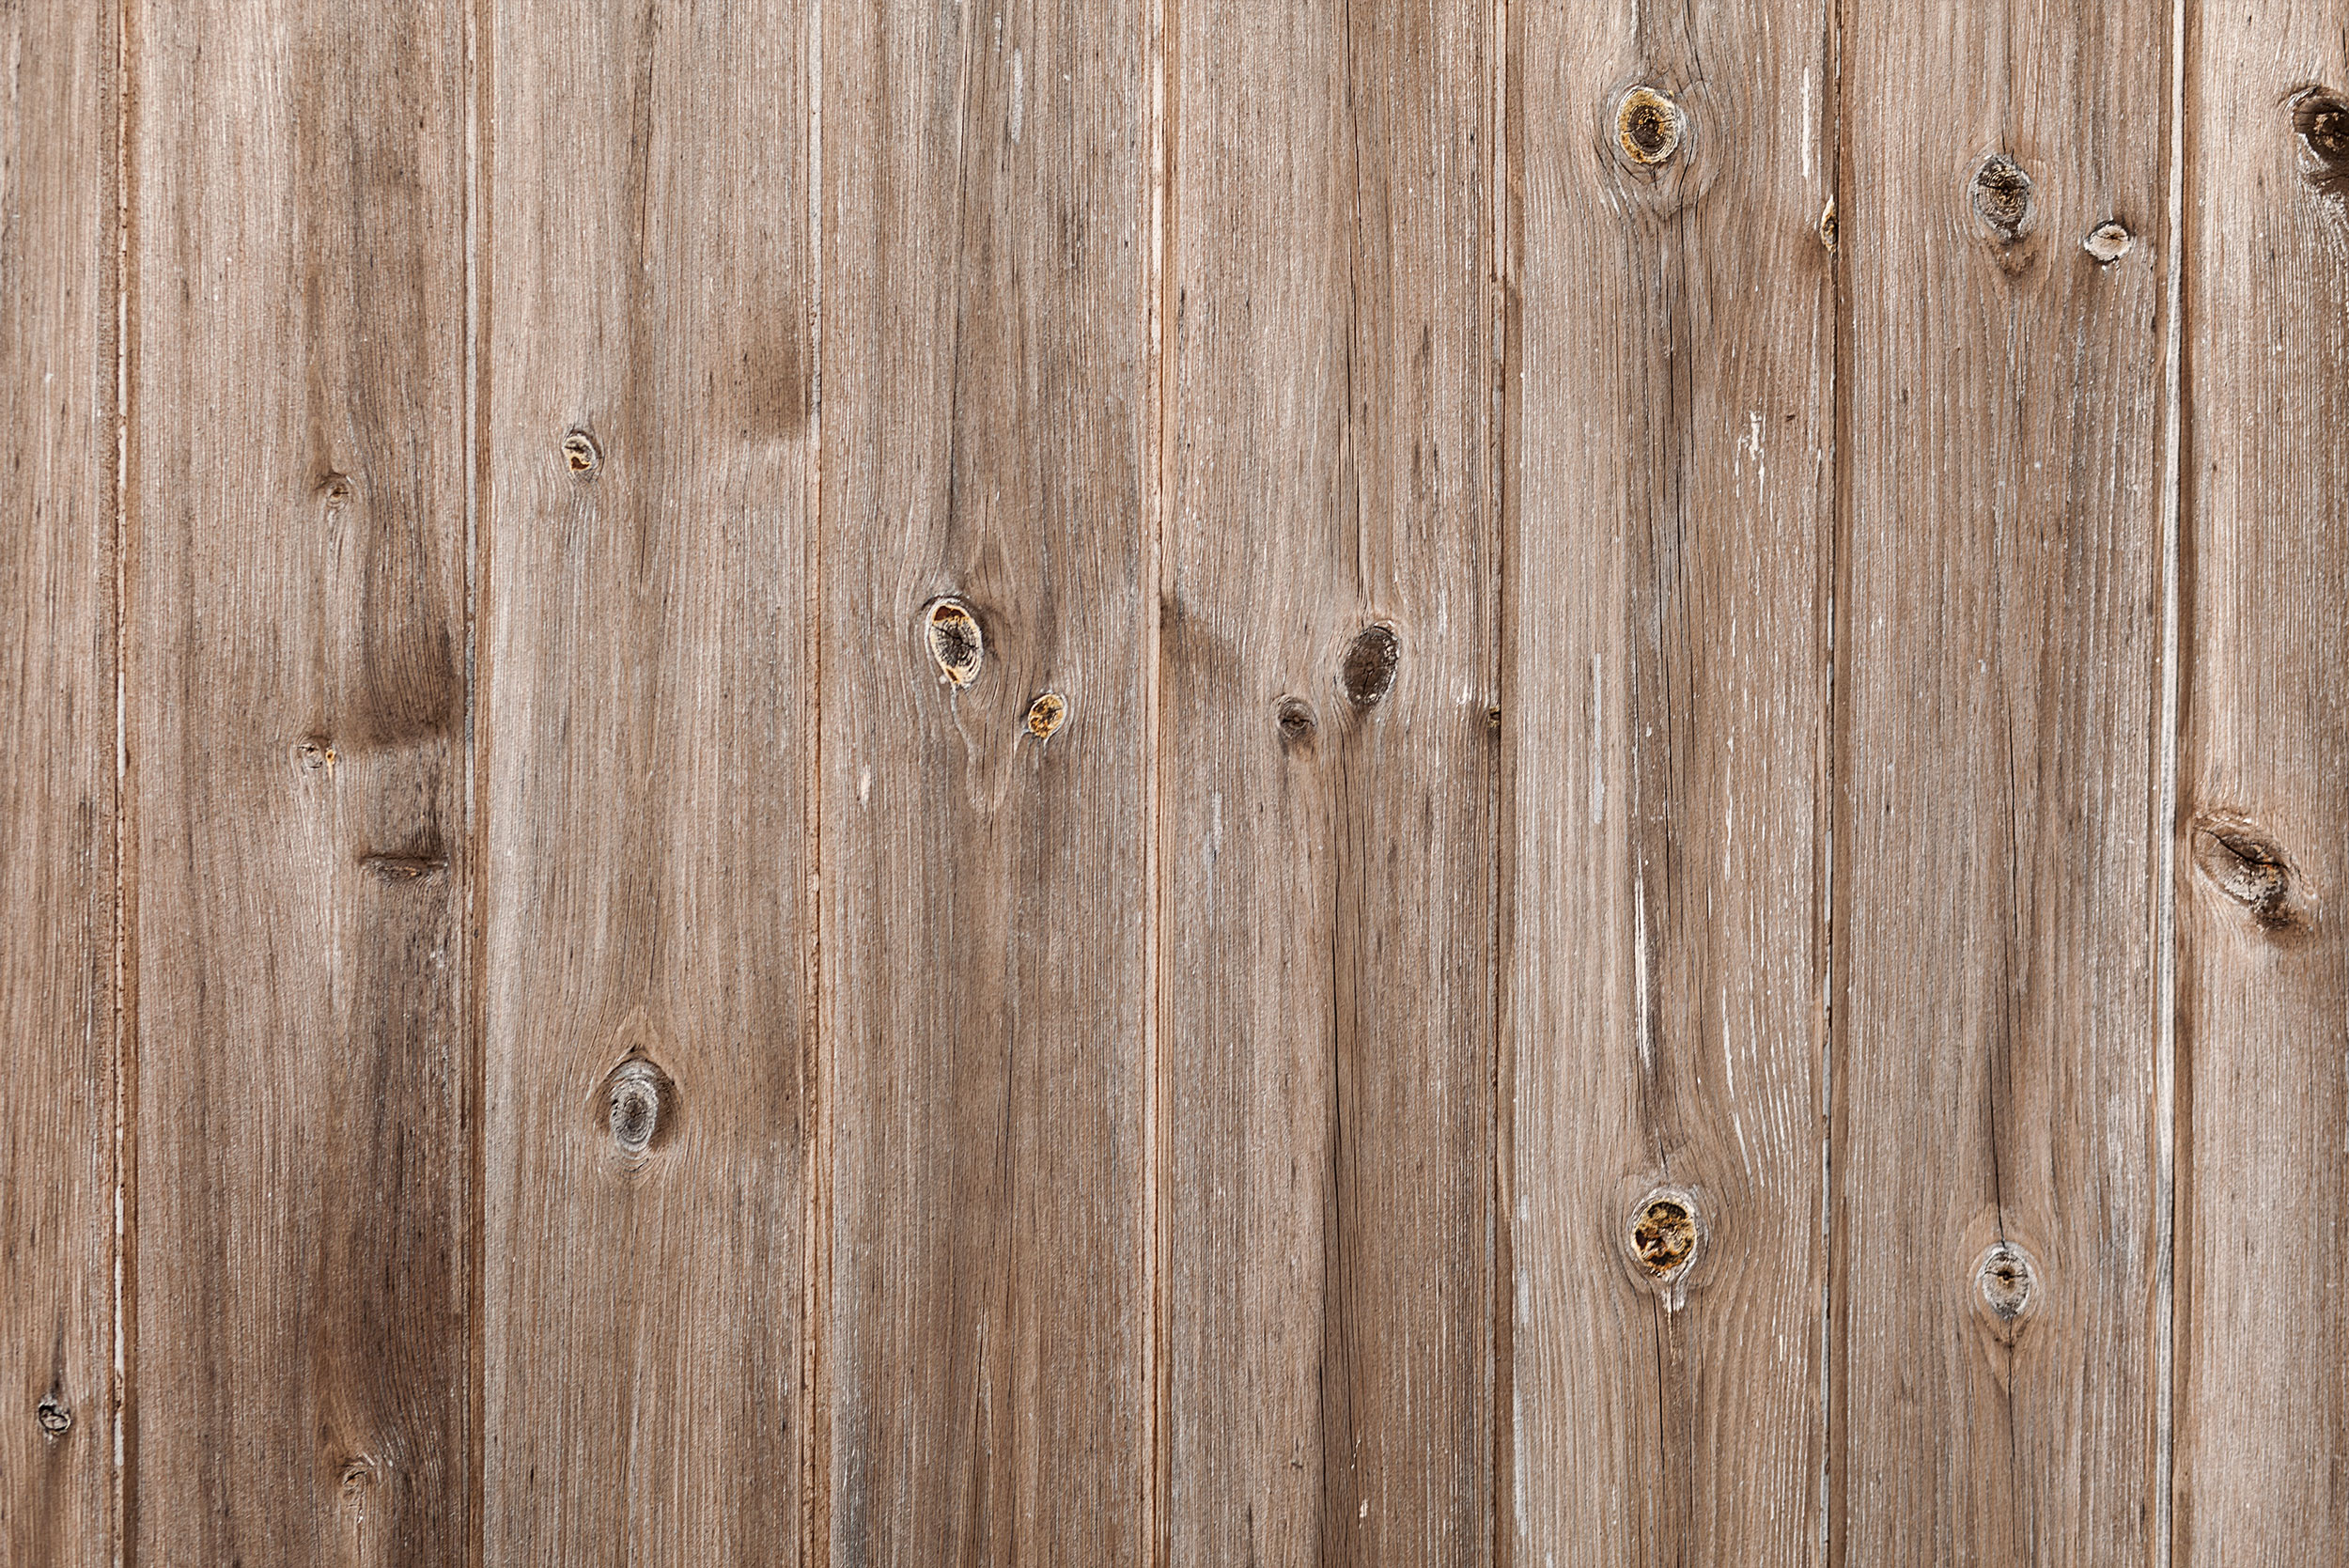 Картинка деревянная текстура в виде поверхности из досок коричневого цвета